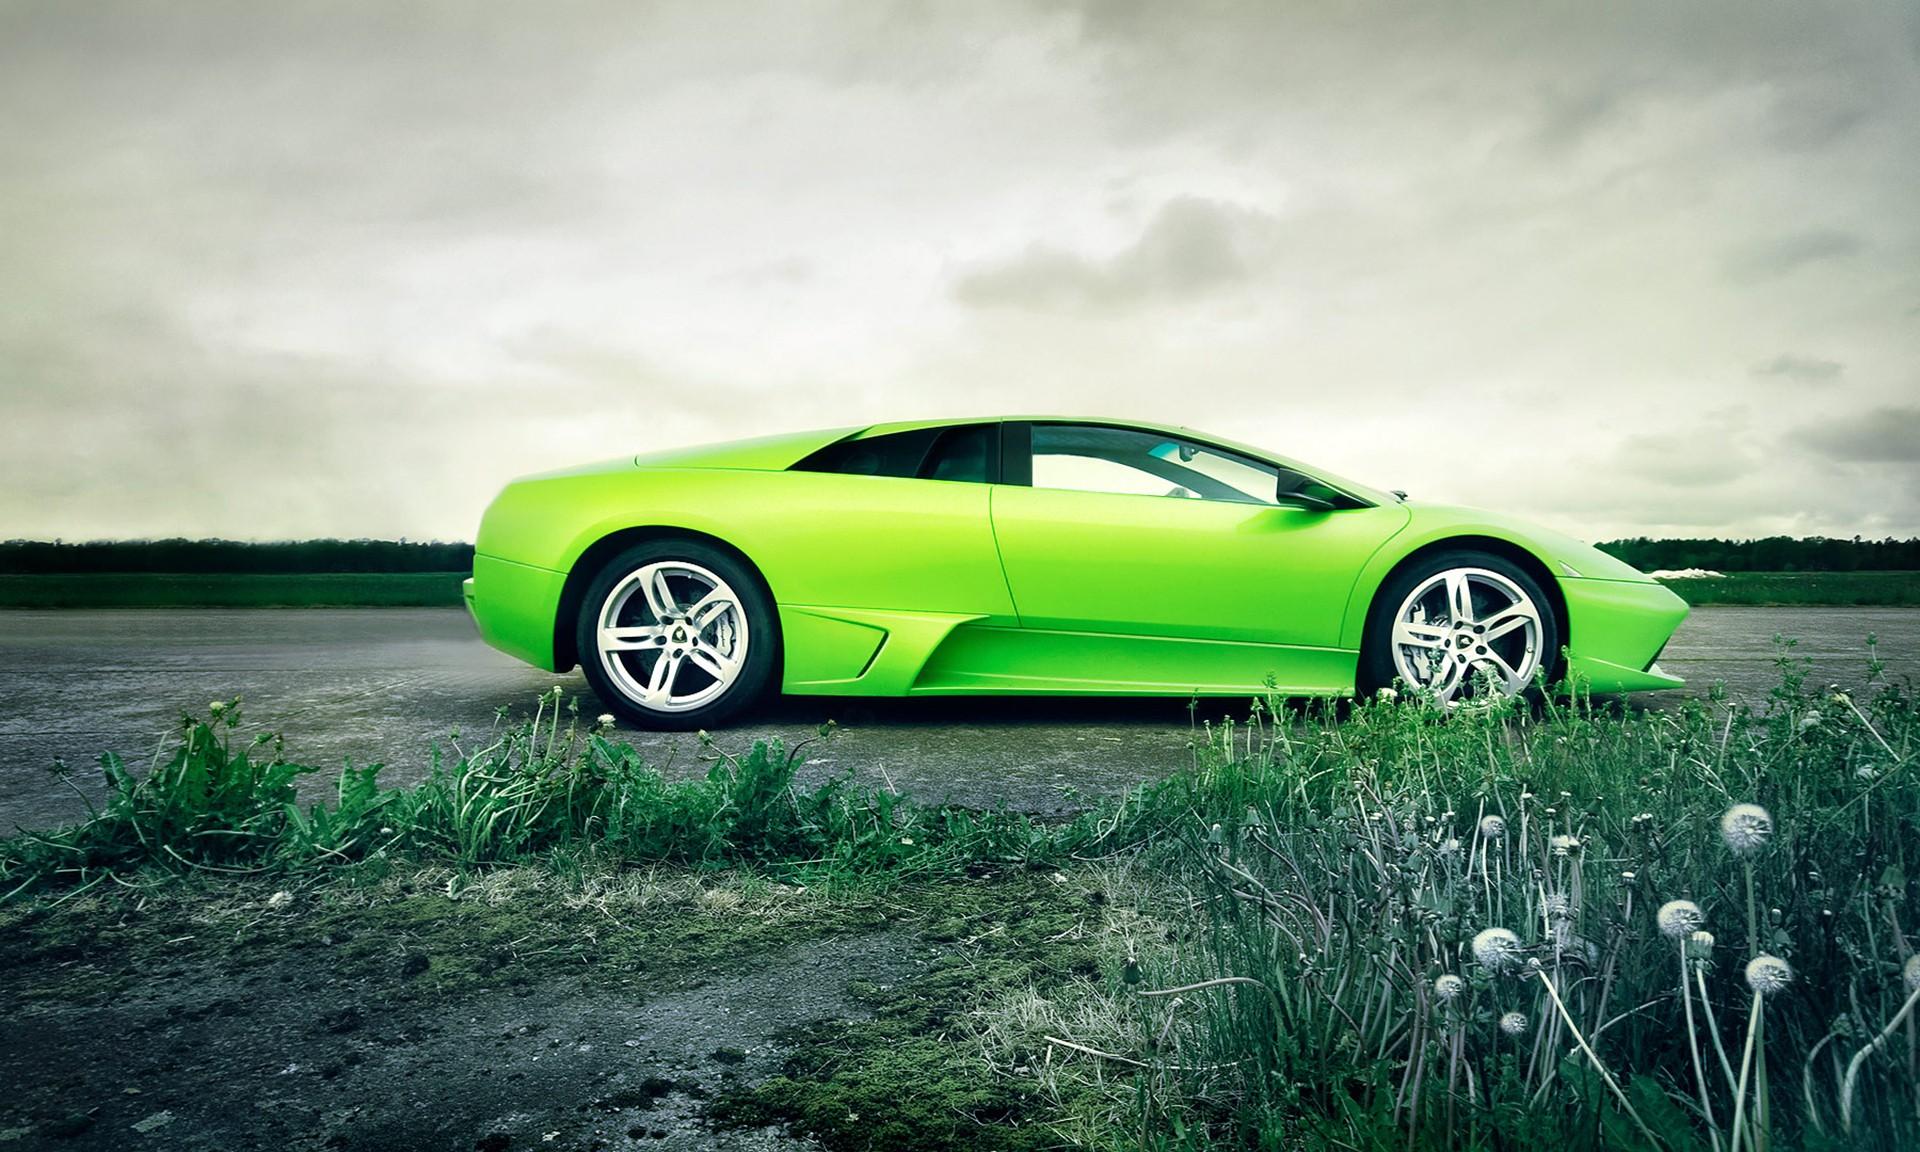 спортивный зеленый автомобиль Lamborghini  № 2996253 загрузить